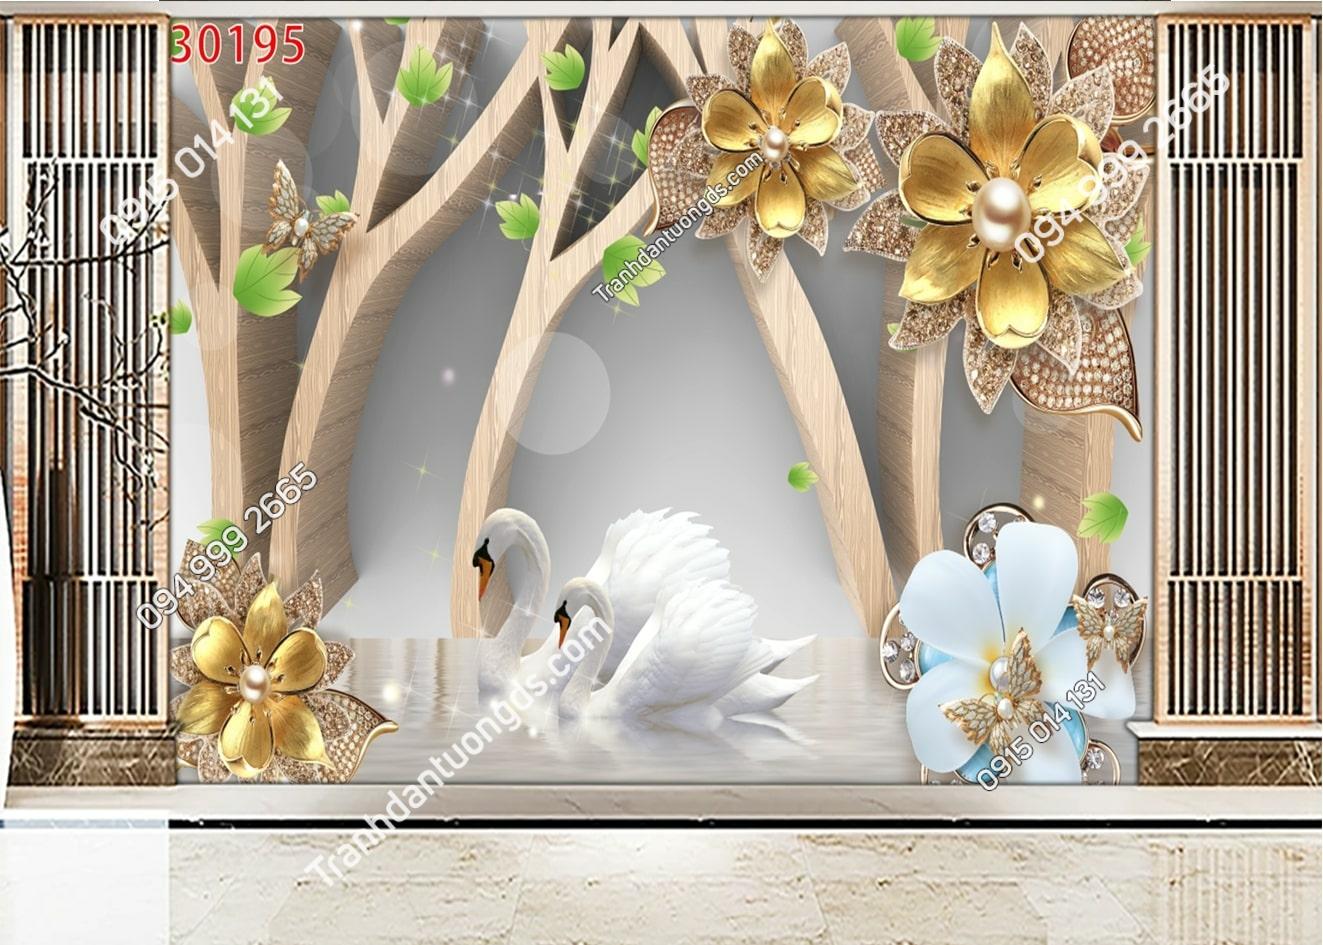 Tranh thiên nga trắng và hoa vàng 30195